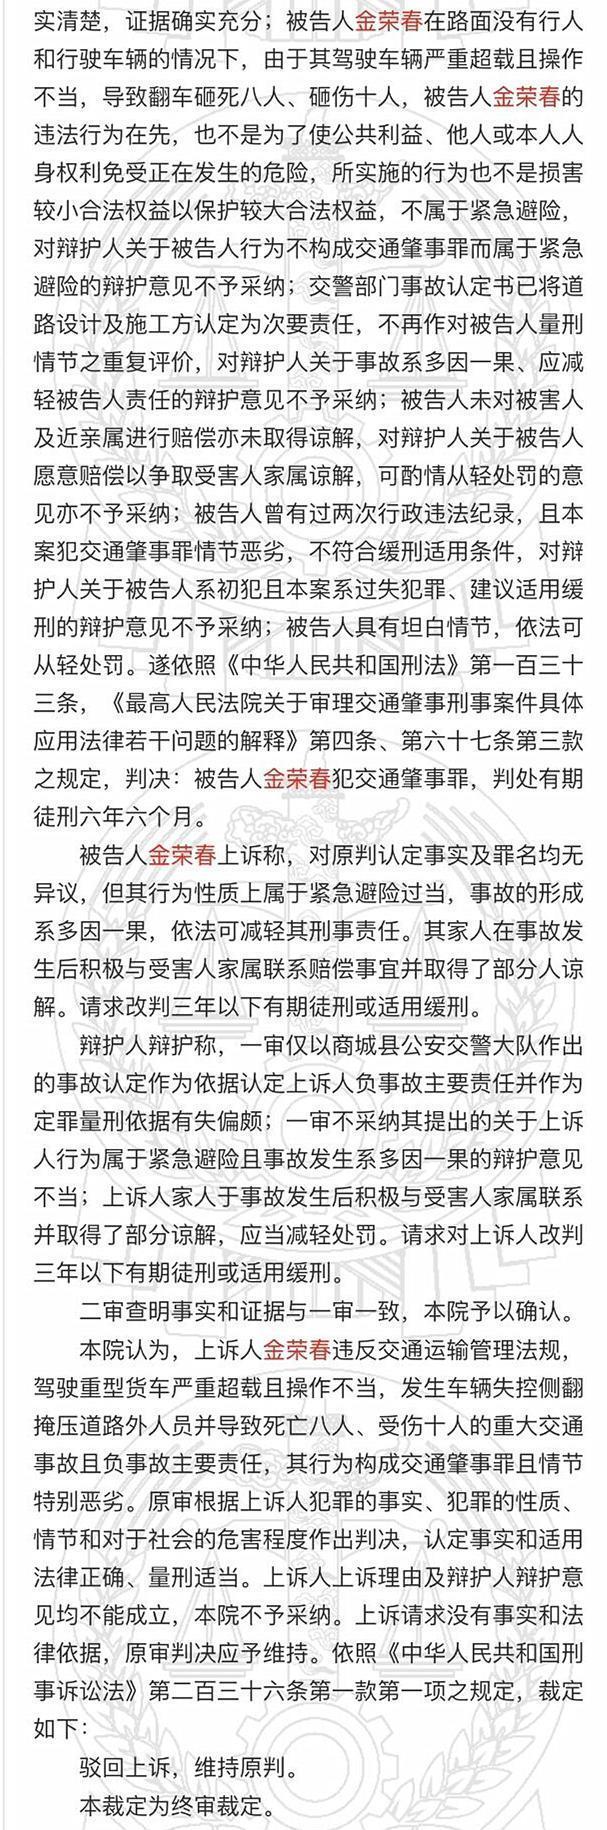 货车司机被判6年6个月!河南货车侧翻致8死11伤:21人被追责